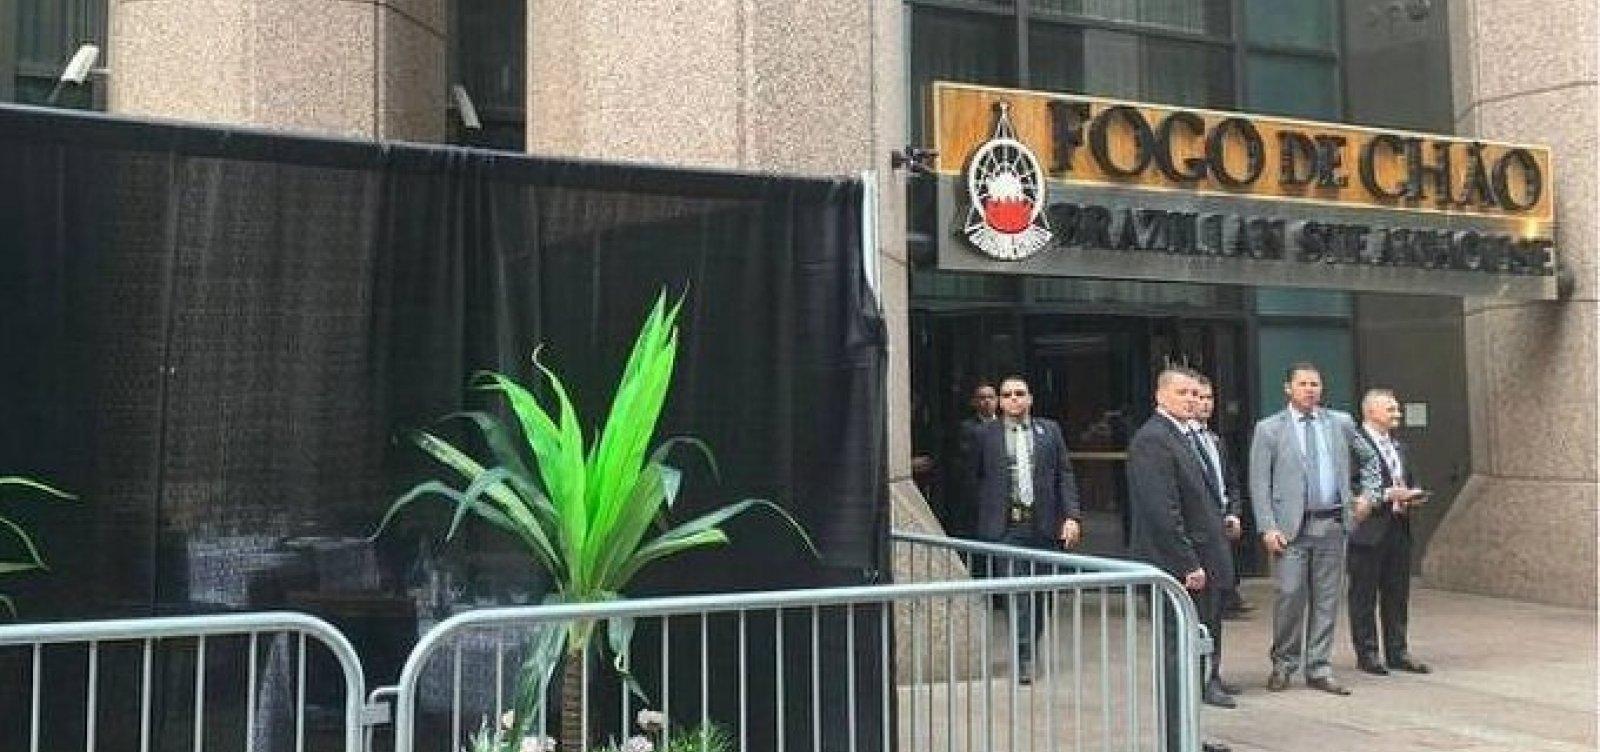 """Churrascaria improvisa """"puxadinho"""" para Bolsonaro na calçada em Nova York"""